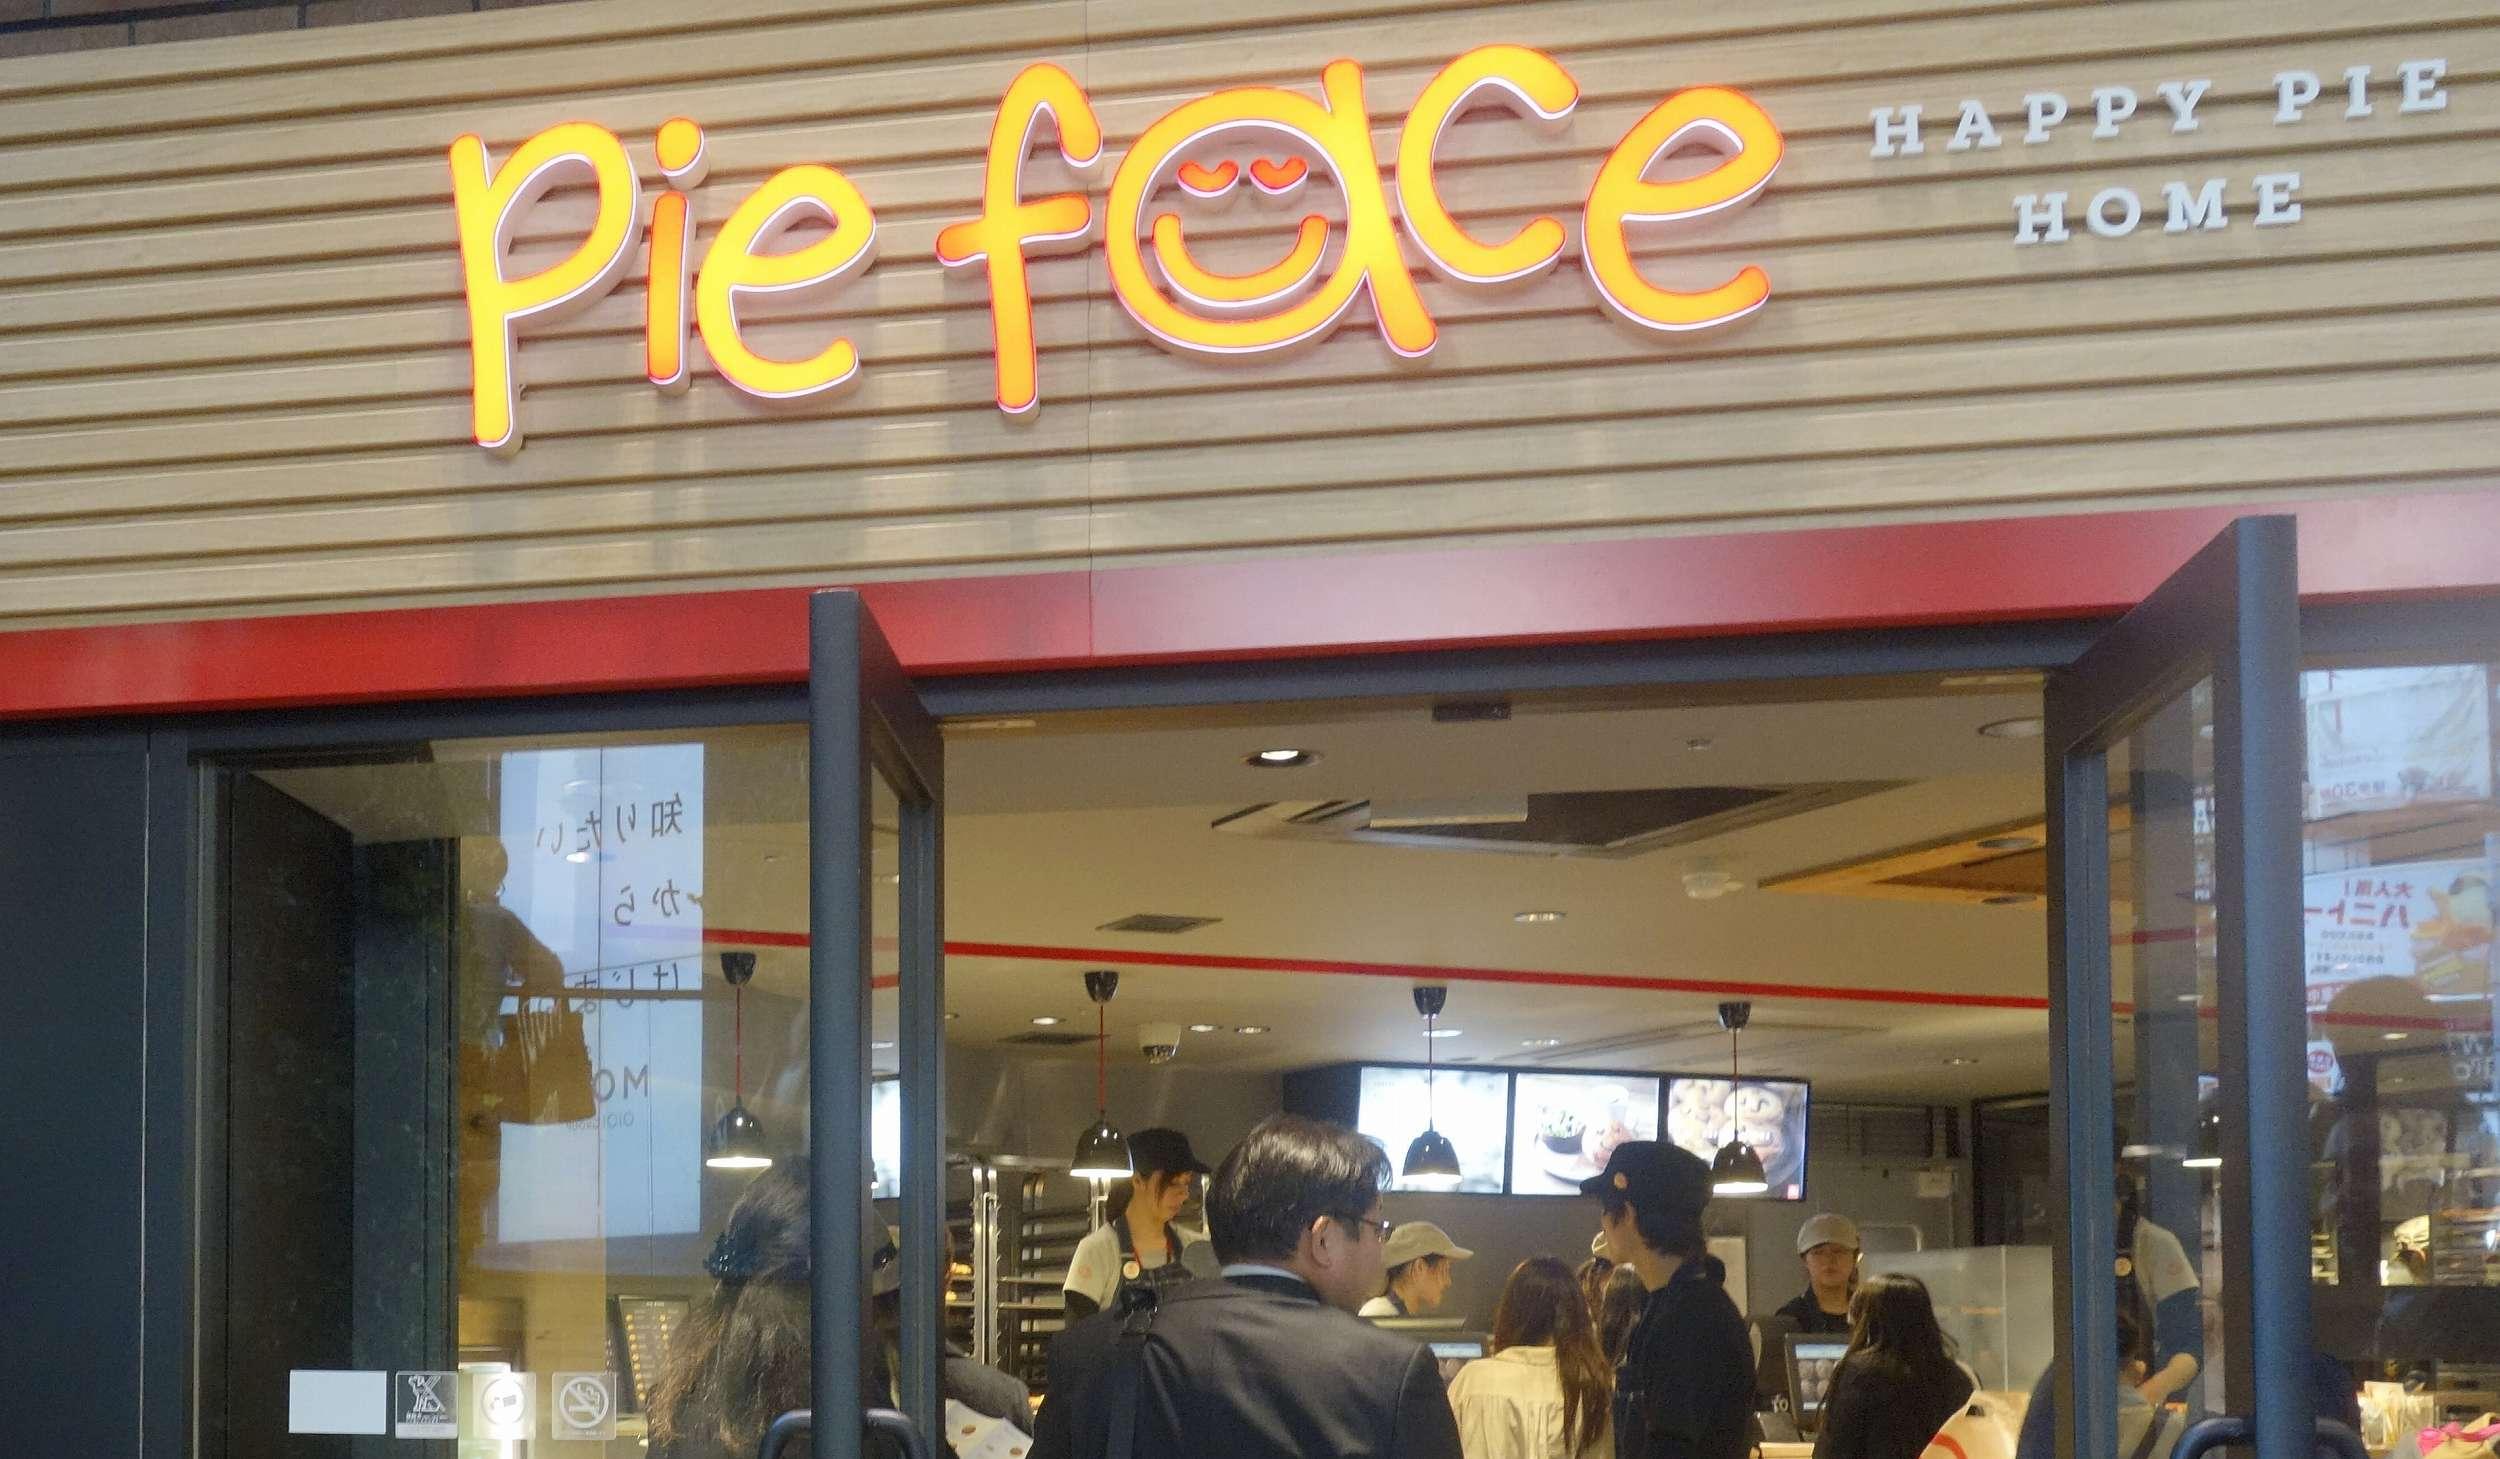 たまに行くならこんな店 にっこにっこにーなパイが楽しめる、パイ界の矢澤にこの様な「パイフェイス渋谷モディショップ」では様々な惣菜パイをビックサイズで楽しめます